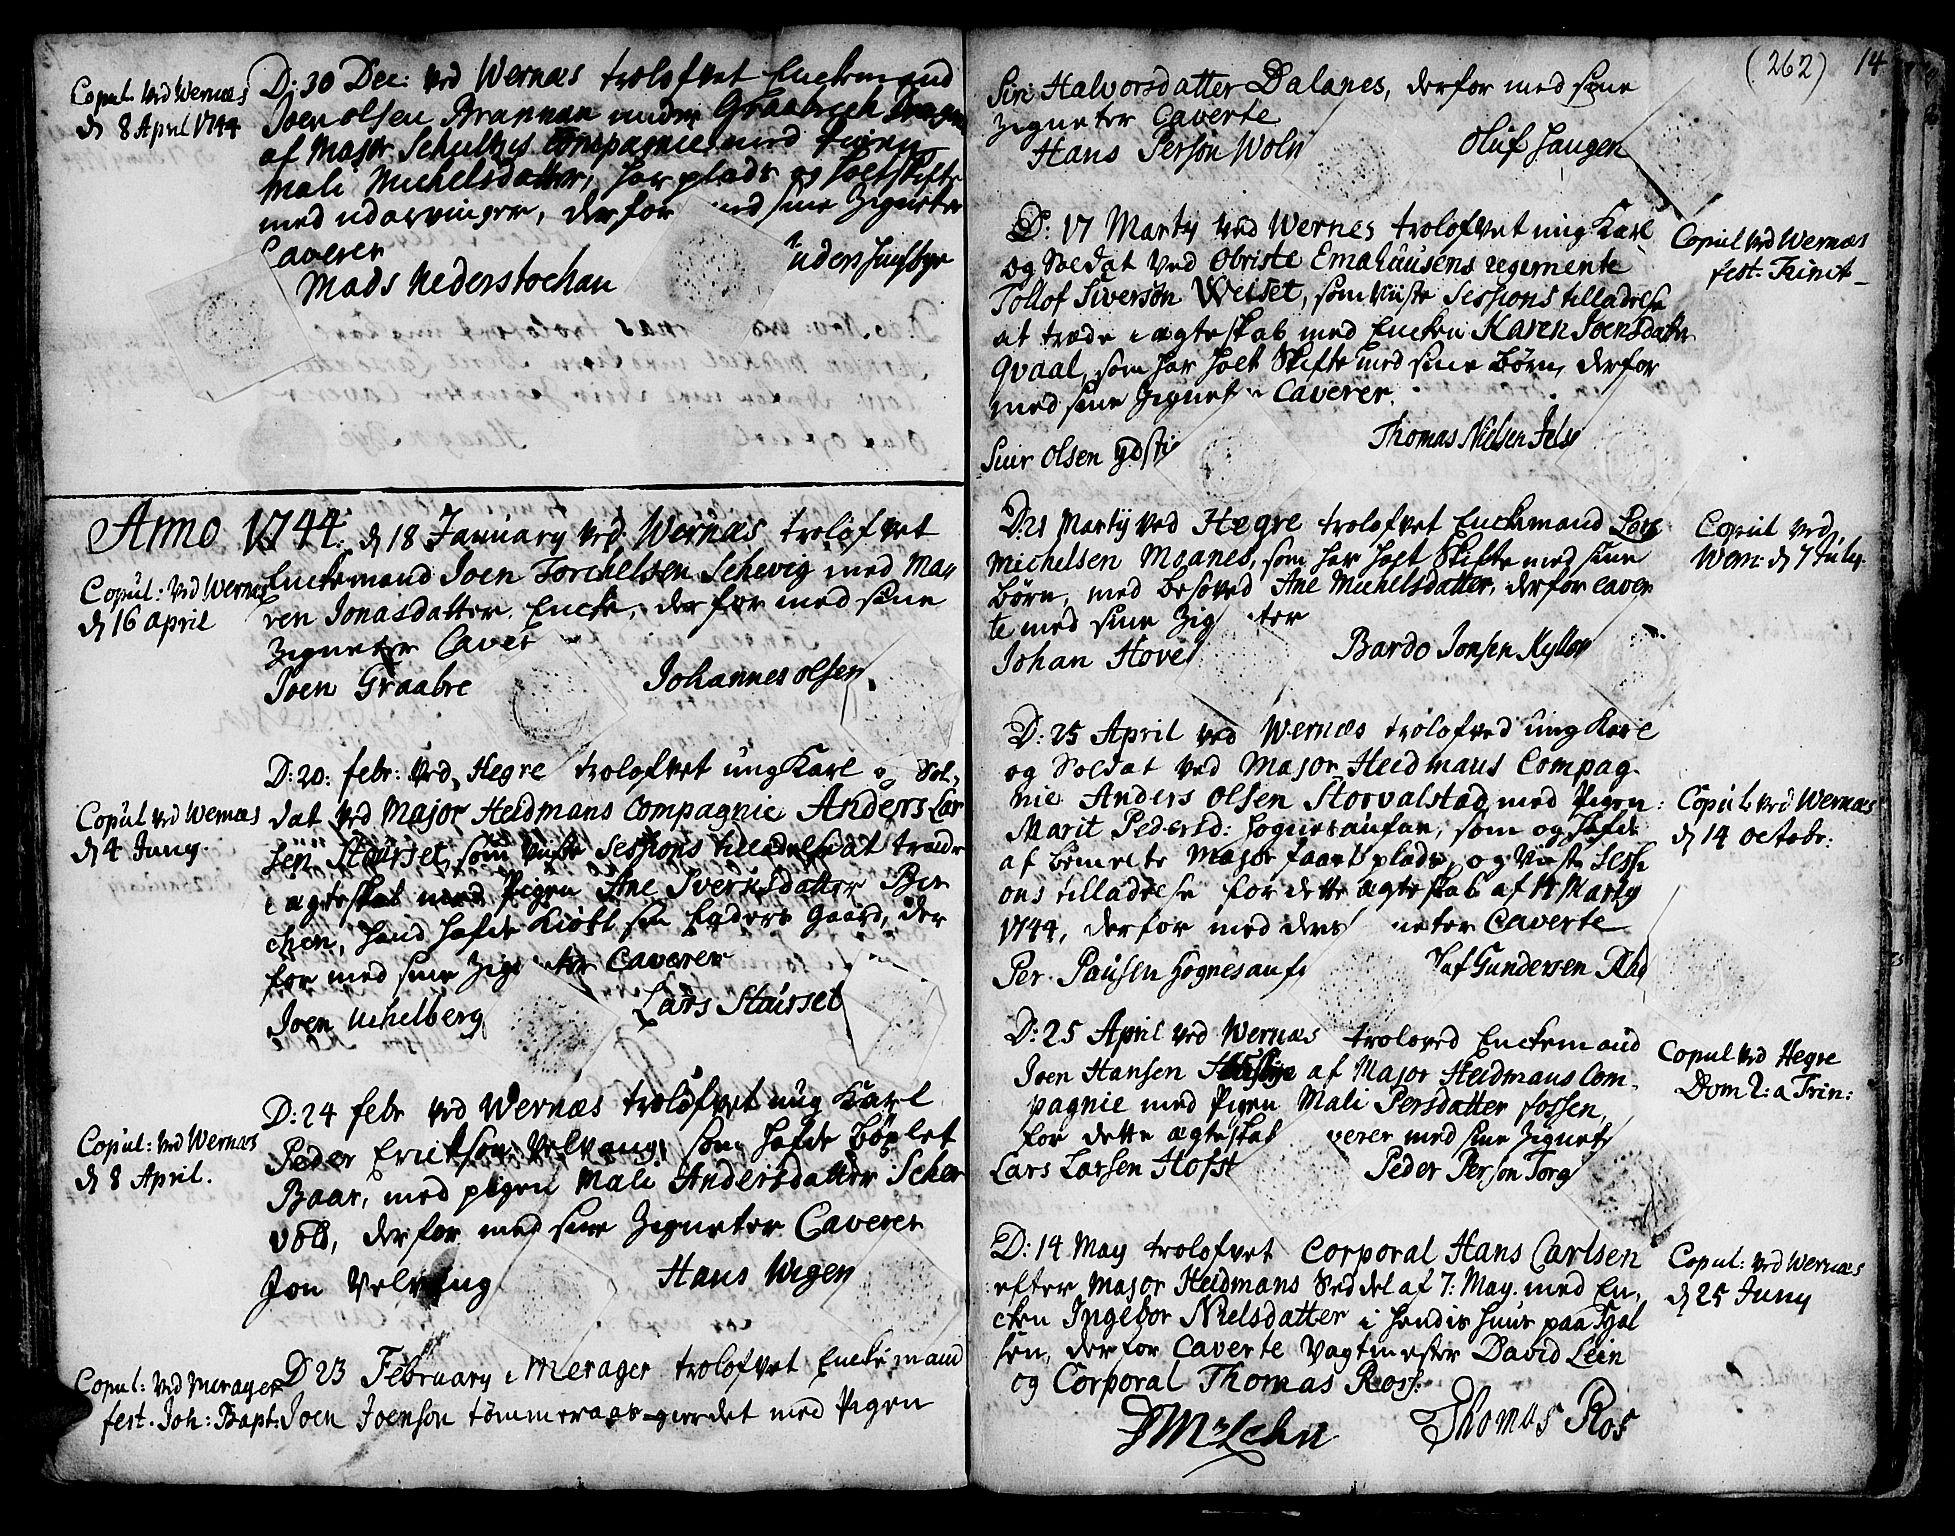 SAT, Ministerialprotokoller, klokkerbøker og fødselsregistre - Nord-Trøndelag, 709/L0056: Ministerialbok nr. 709A04, 1740-1756, s. 262